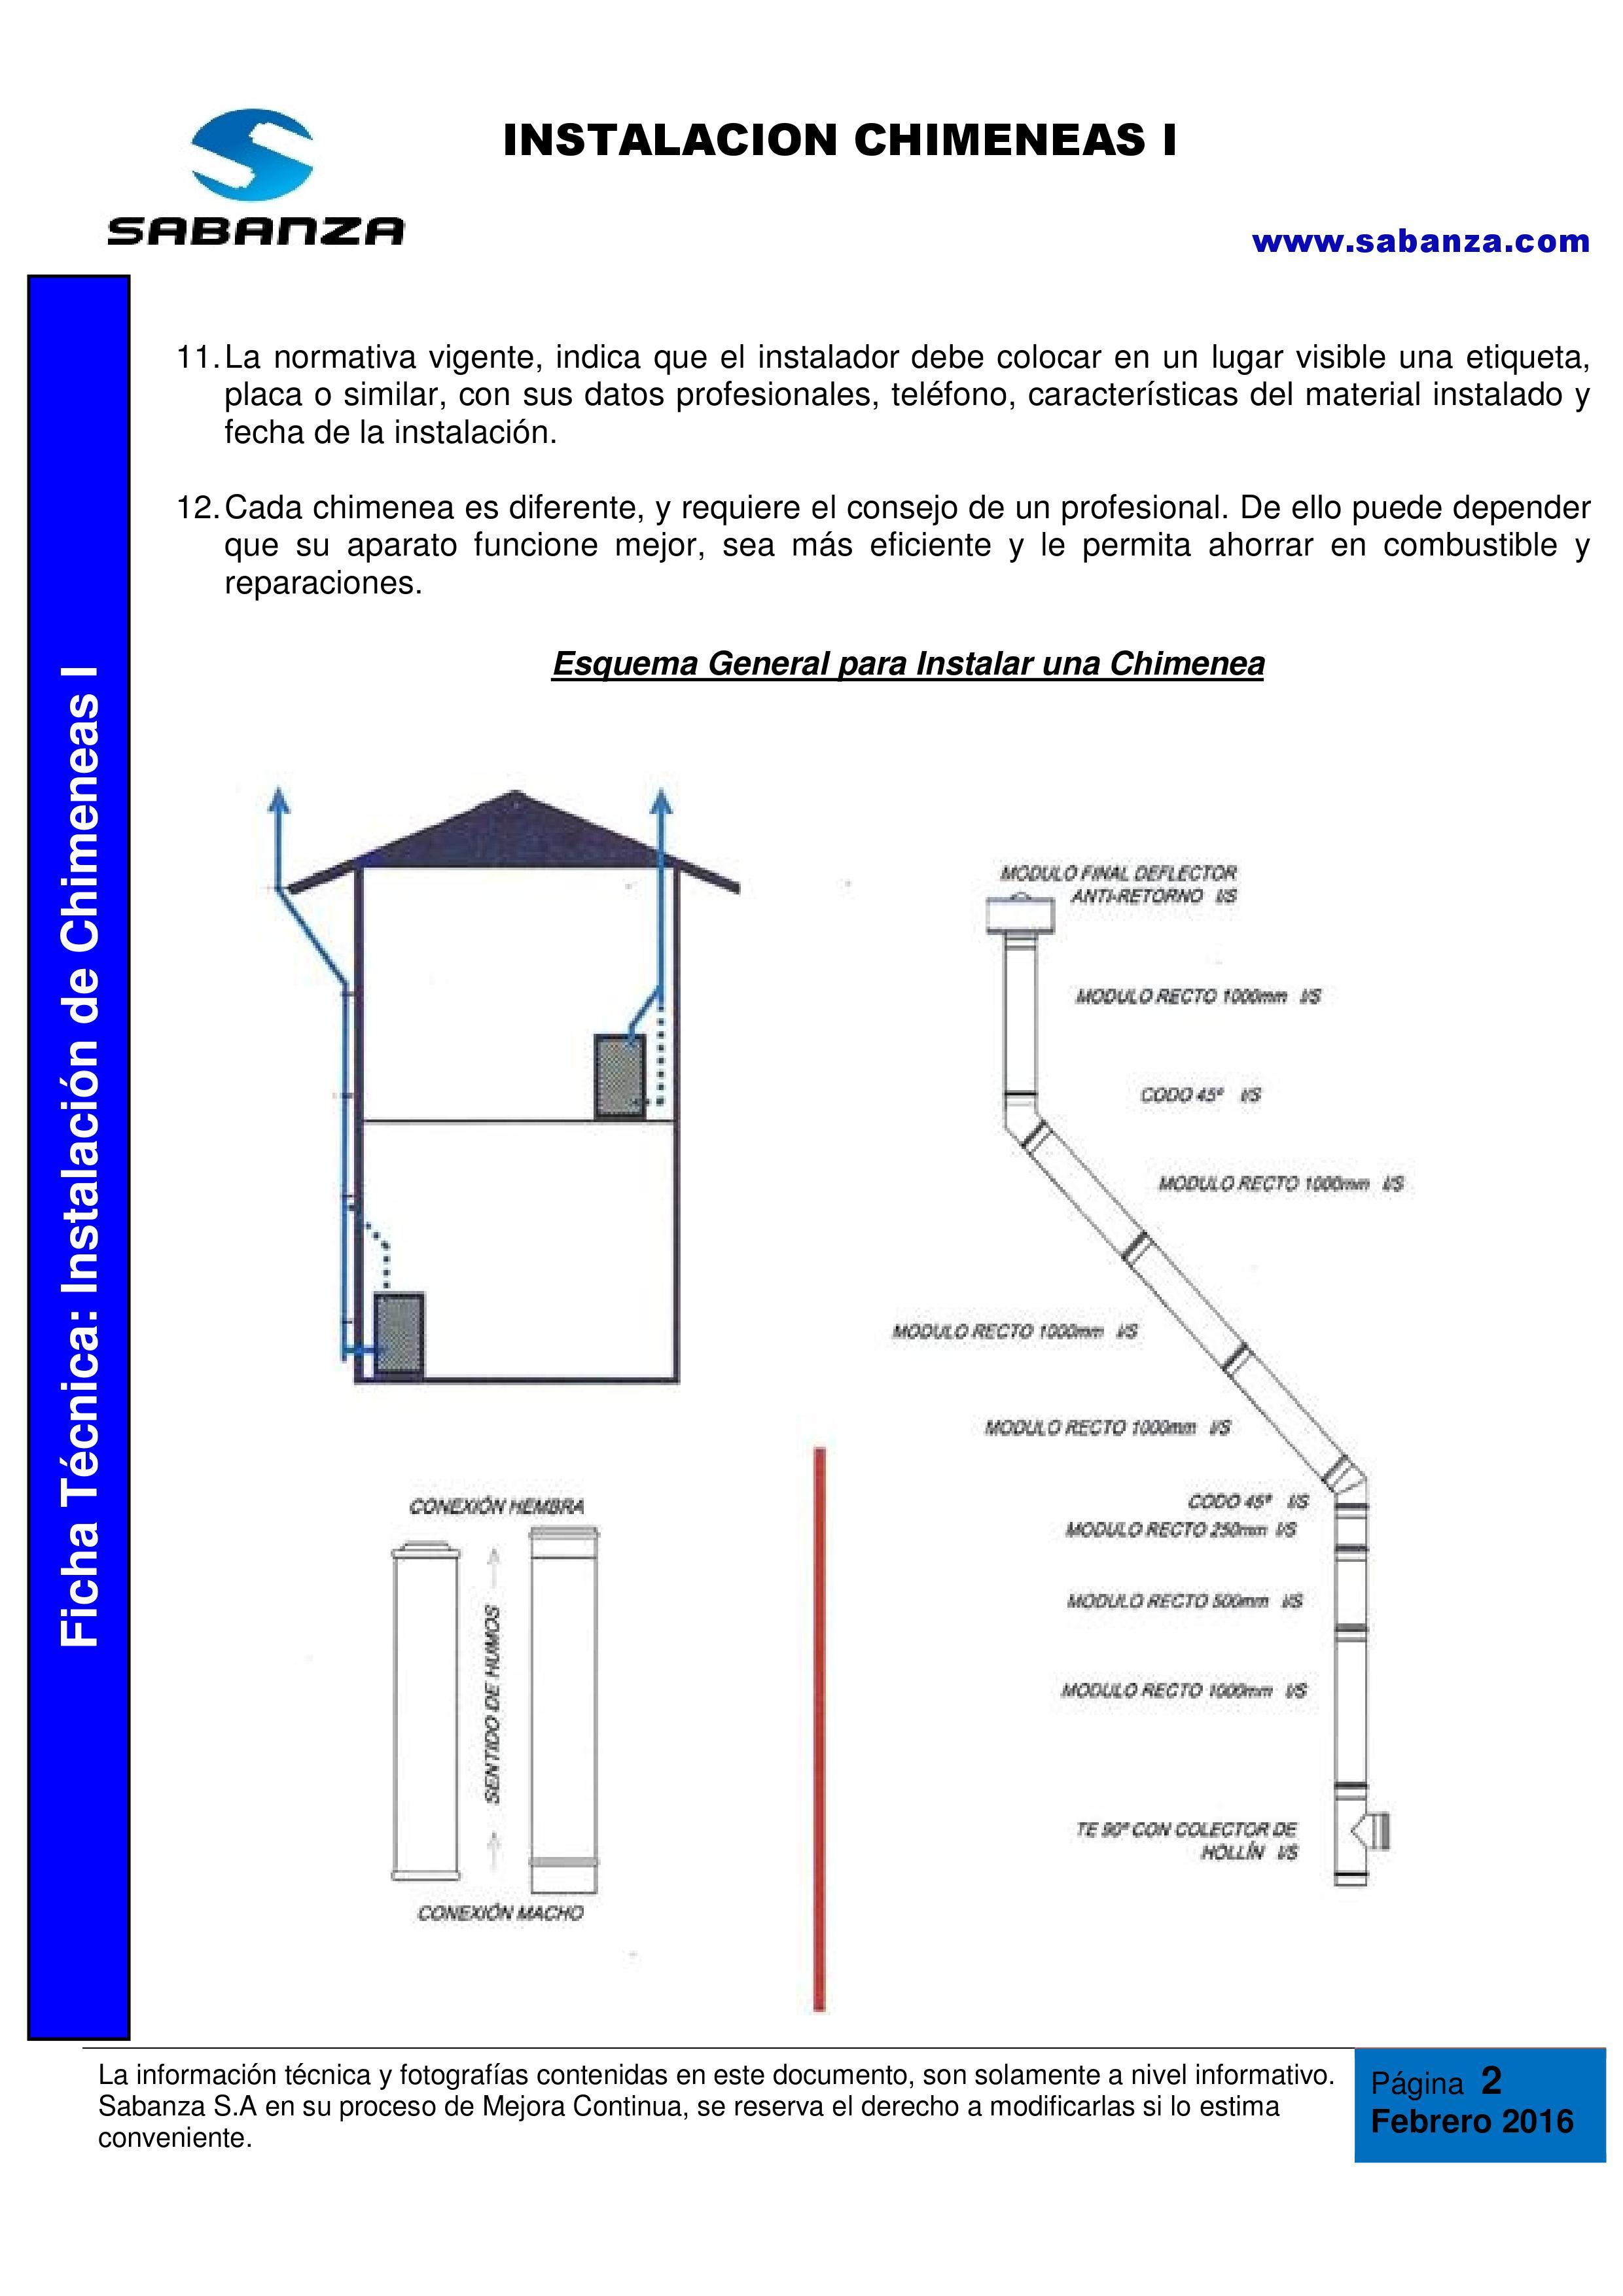 FT: Instalación de Chimeneas I